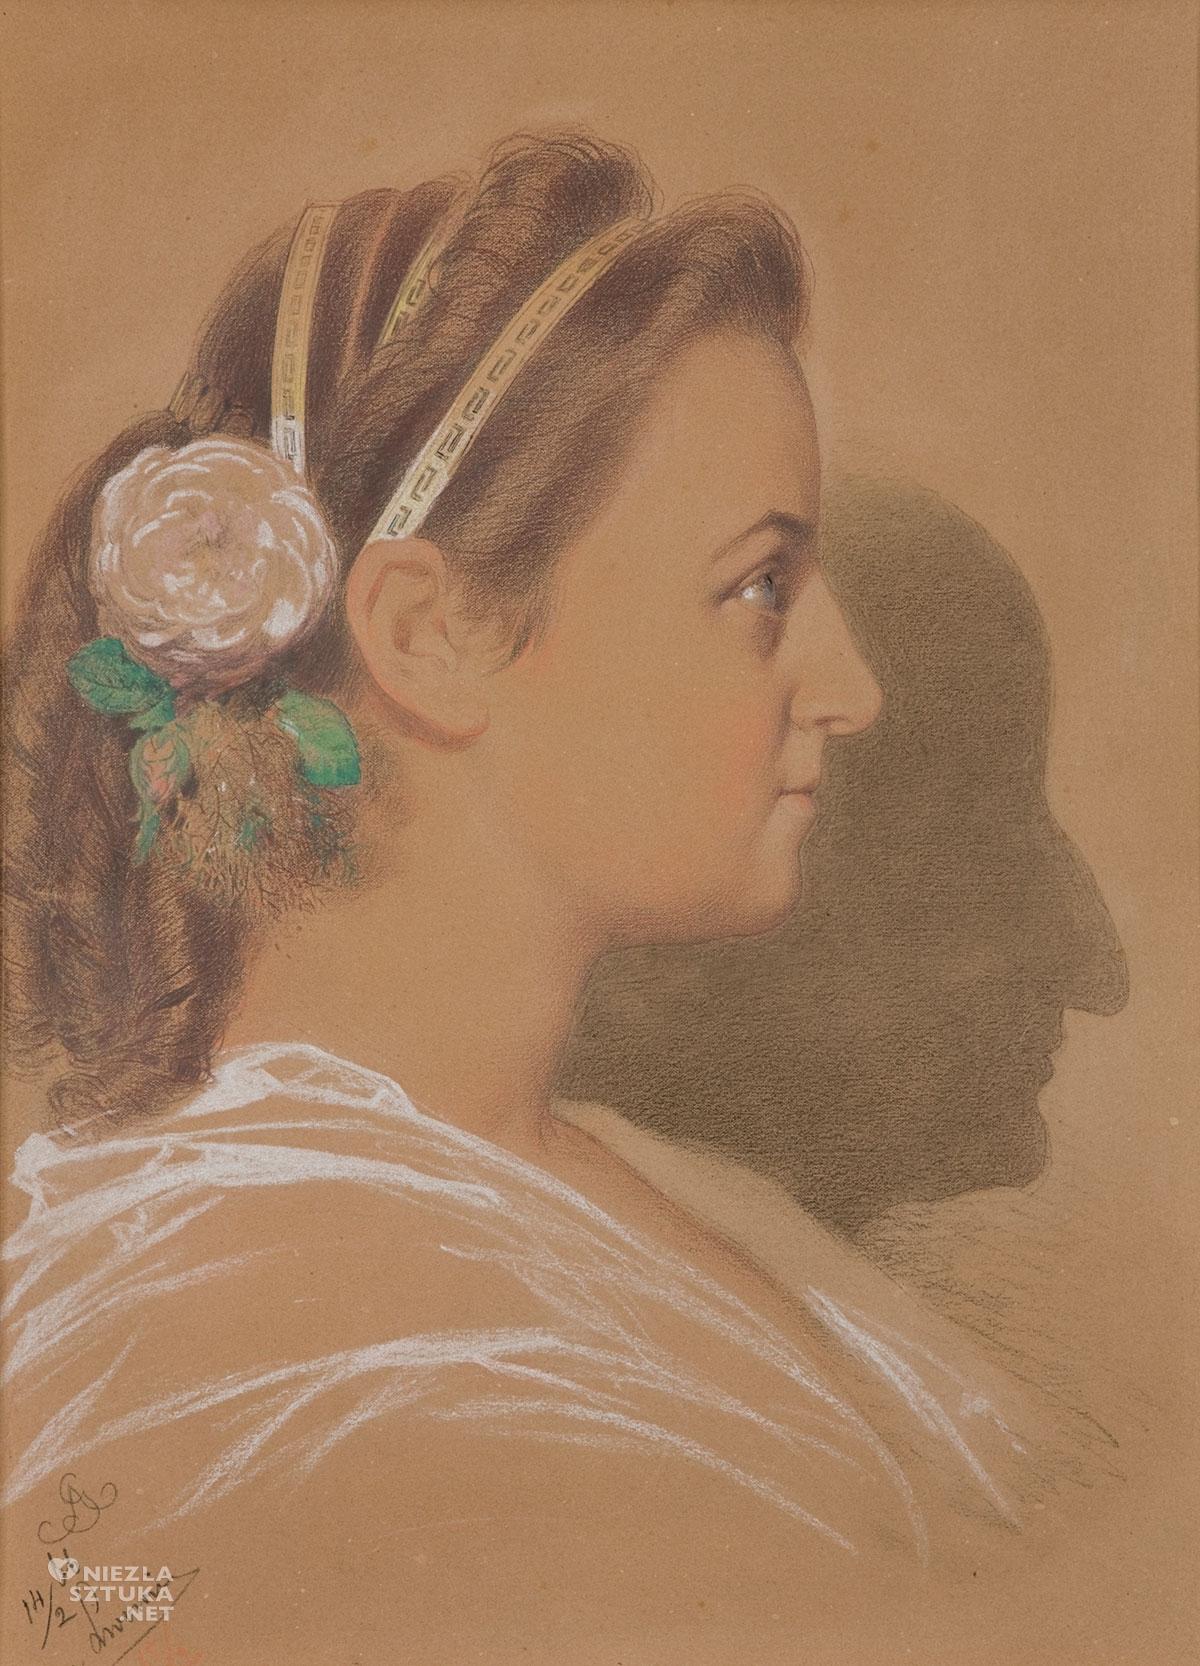 Artur Grottger , Portret narzeczonej z cieniem artysty, Wanda Monné, Niezła sztuka